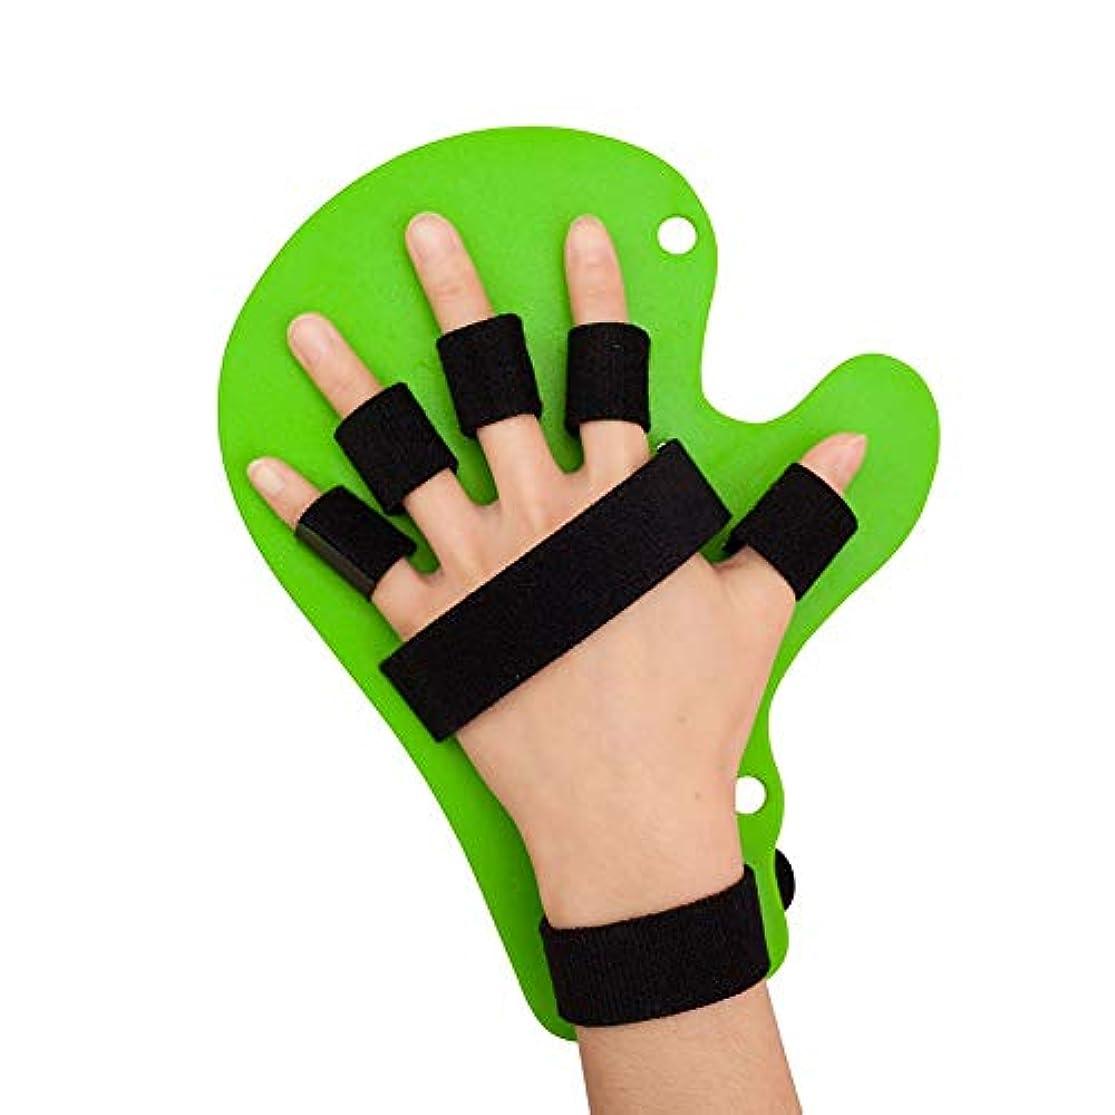 回転する相互接続舌指のトレーニング機器、指インソール指、指スプリント指指セパレーター、調節可能な手の指ボード装具スプリットフィンガートレーニング機器 (Color : 緑)